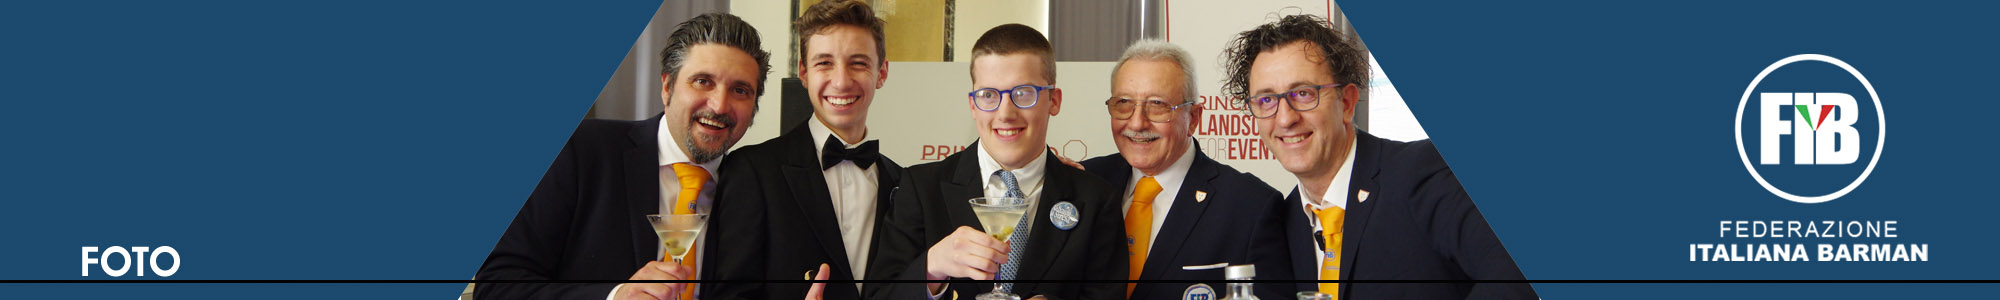 Campionati Italiani Barman Scuole Alberghiere - day1 - 15 aprile 2019 Federazione Italiana Barman